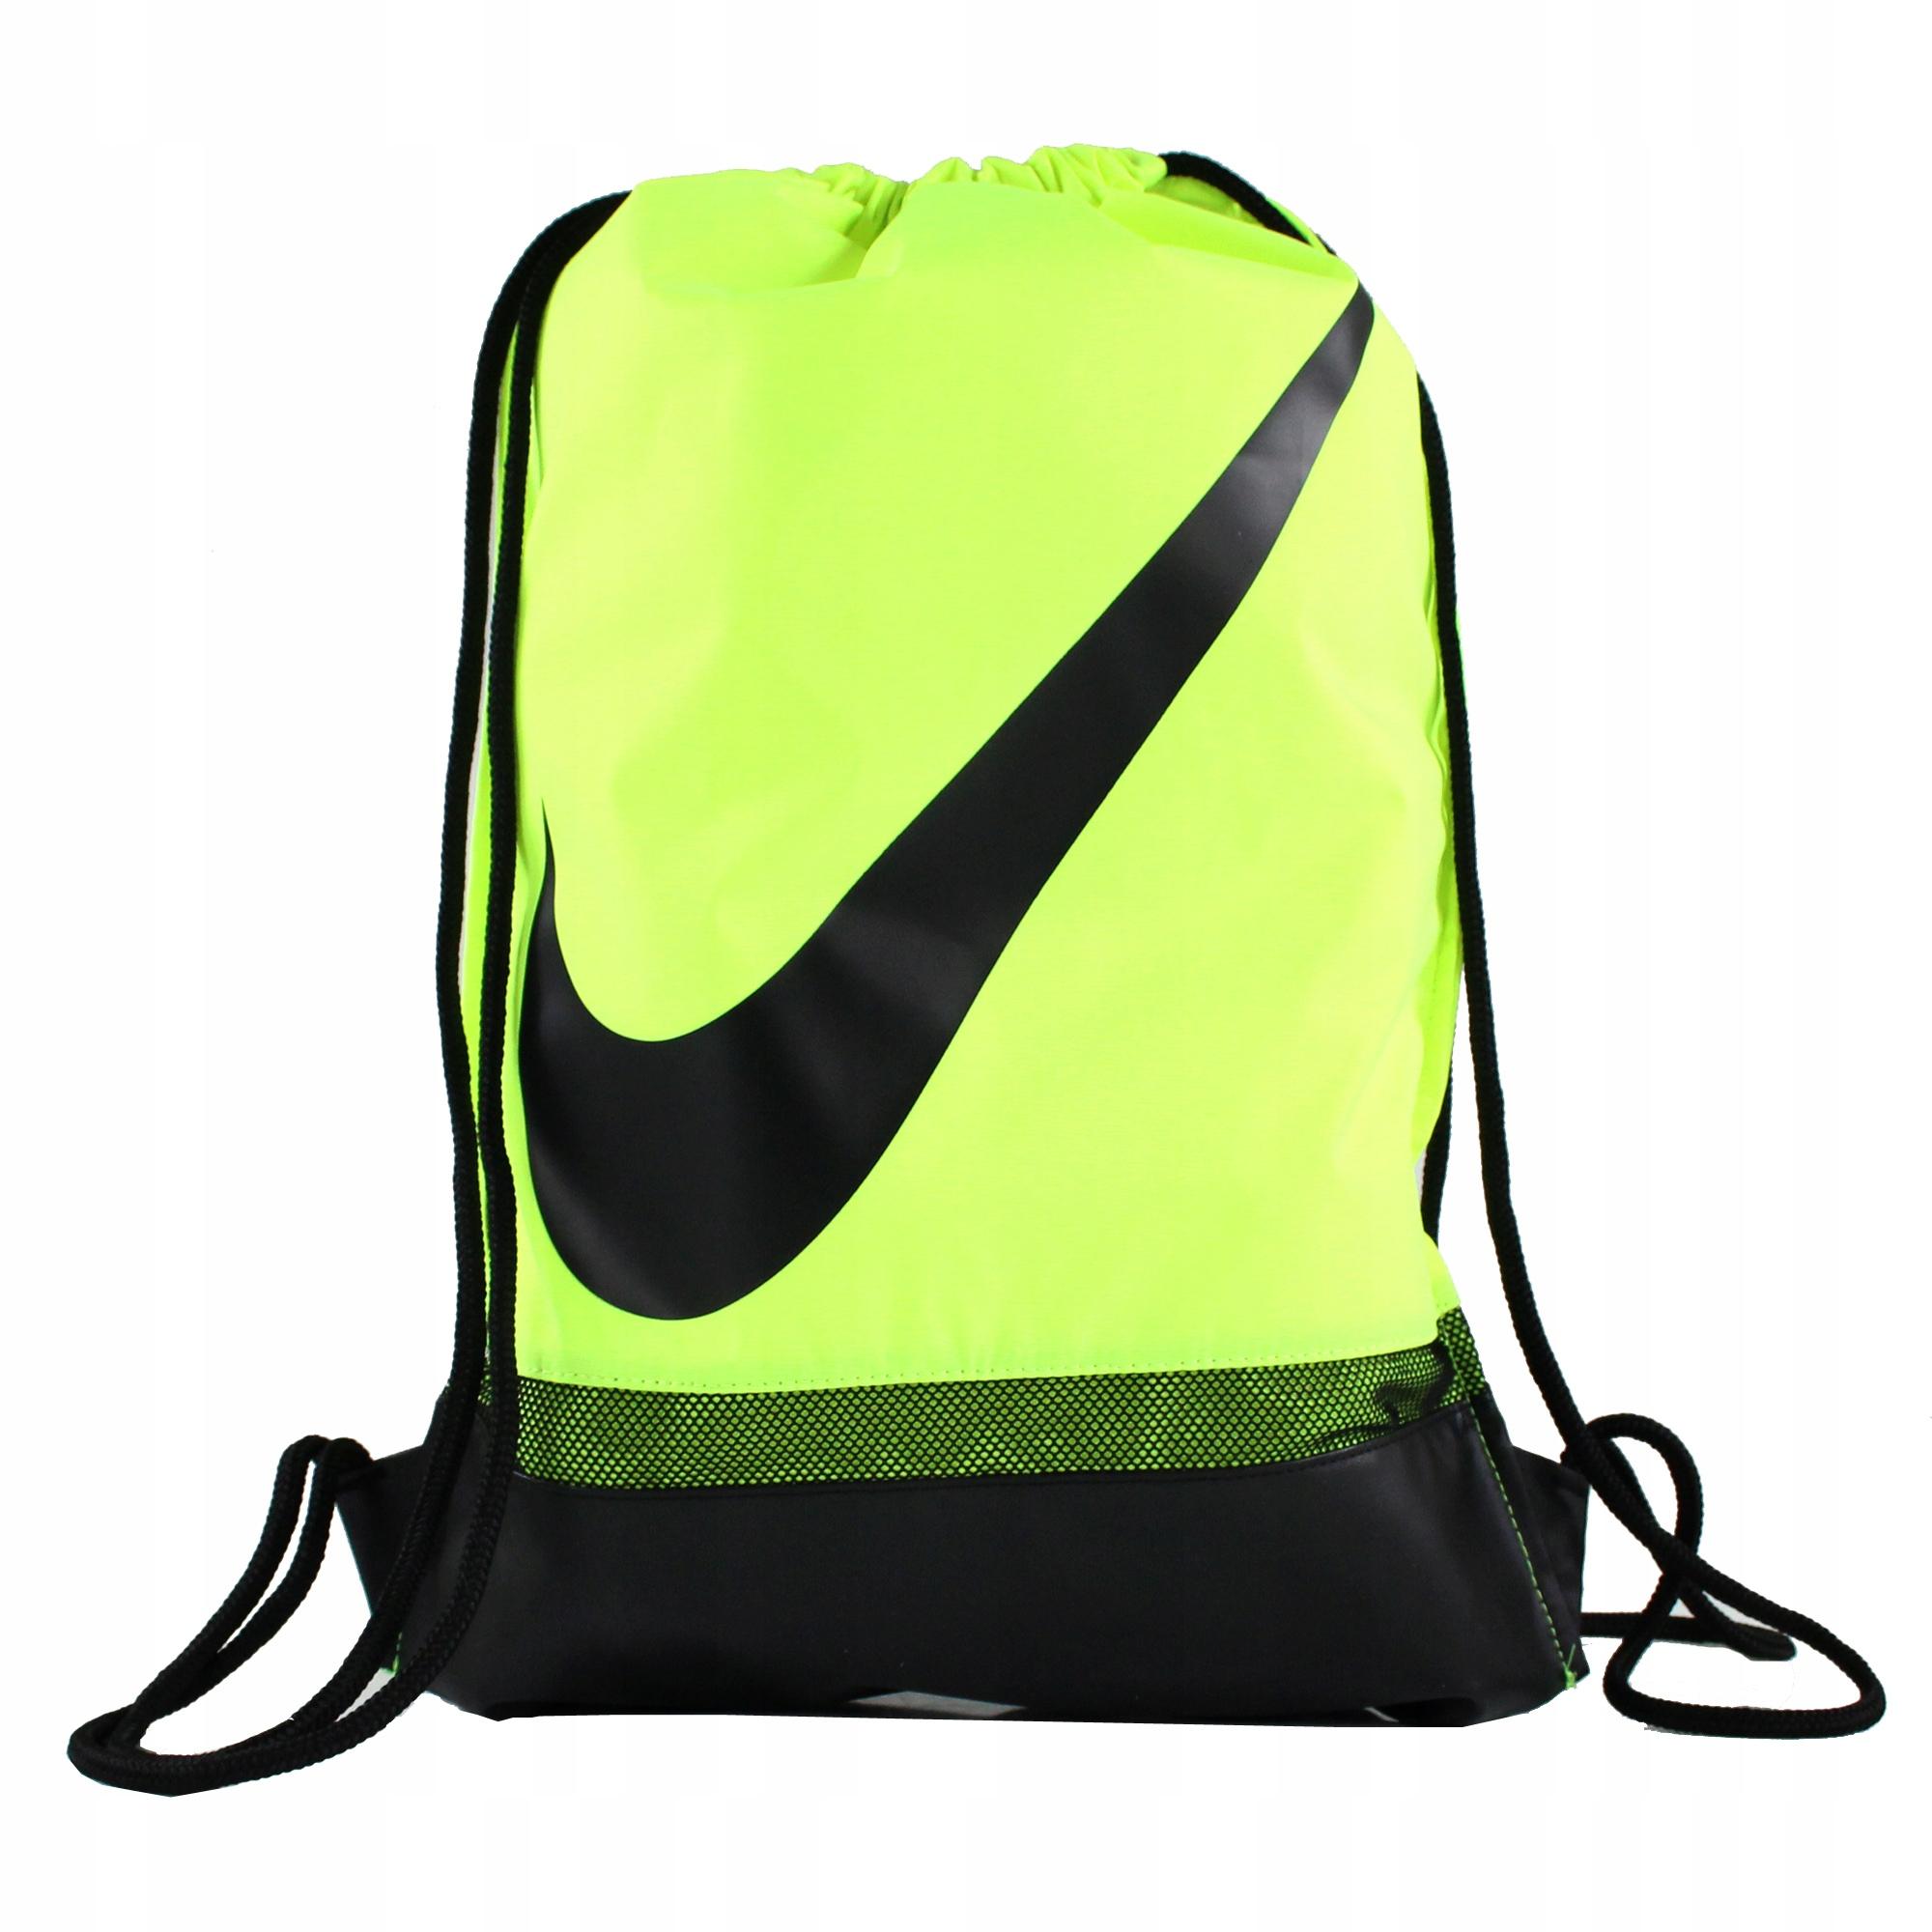 d2f6631b8134d Worek 16l Gumowe Buty Nike Dno Plecak Torba 7497723281 Na O0dWwUxq